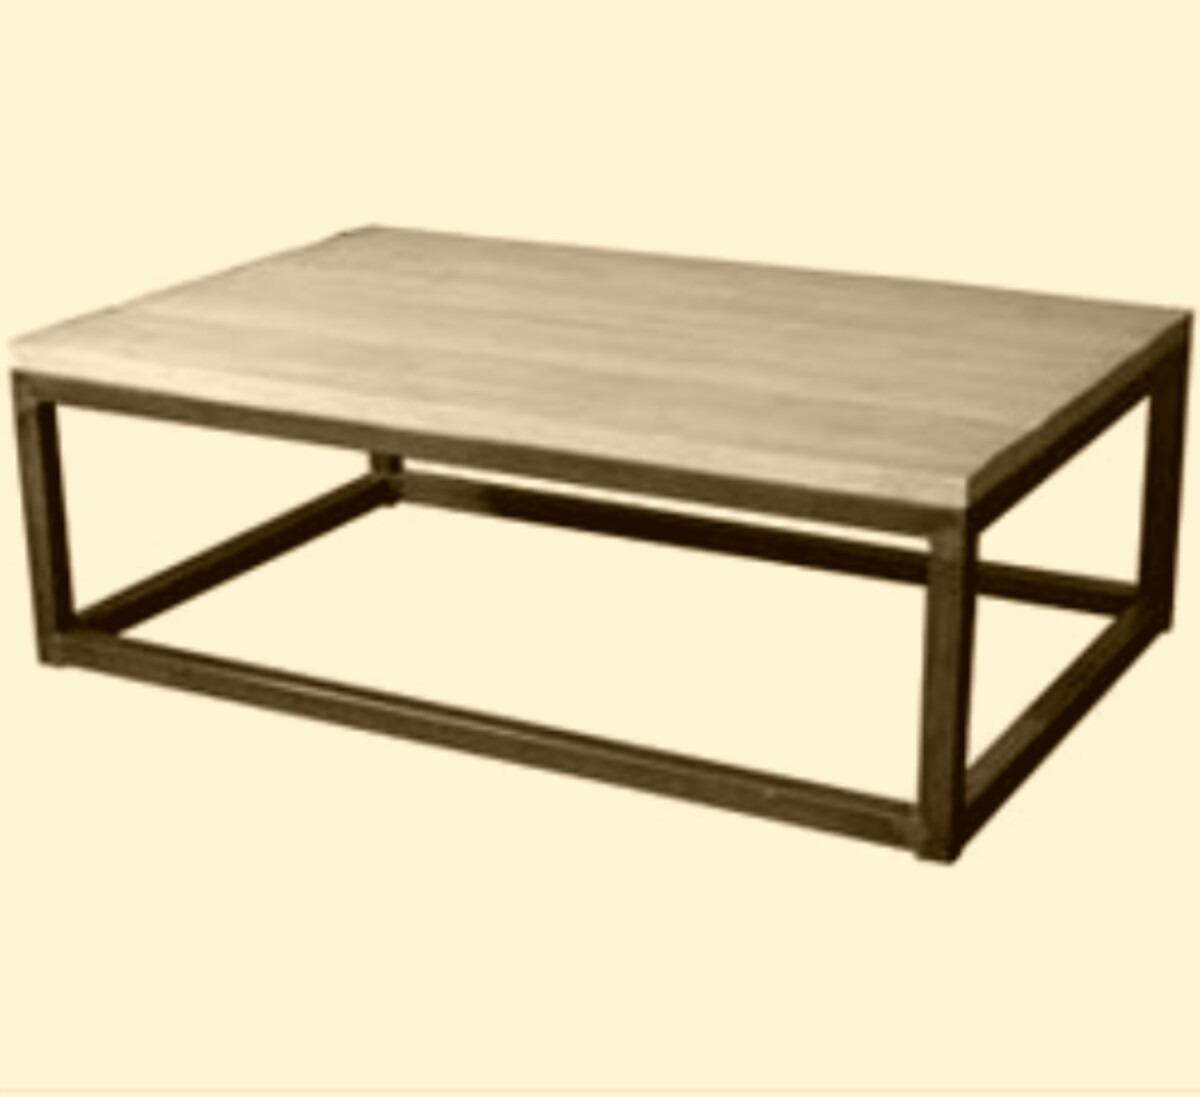 Mesa de centro hierro y madera en mercado libre - Mesa centro madera y hierro ...